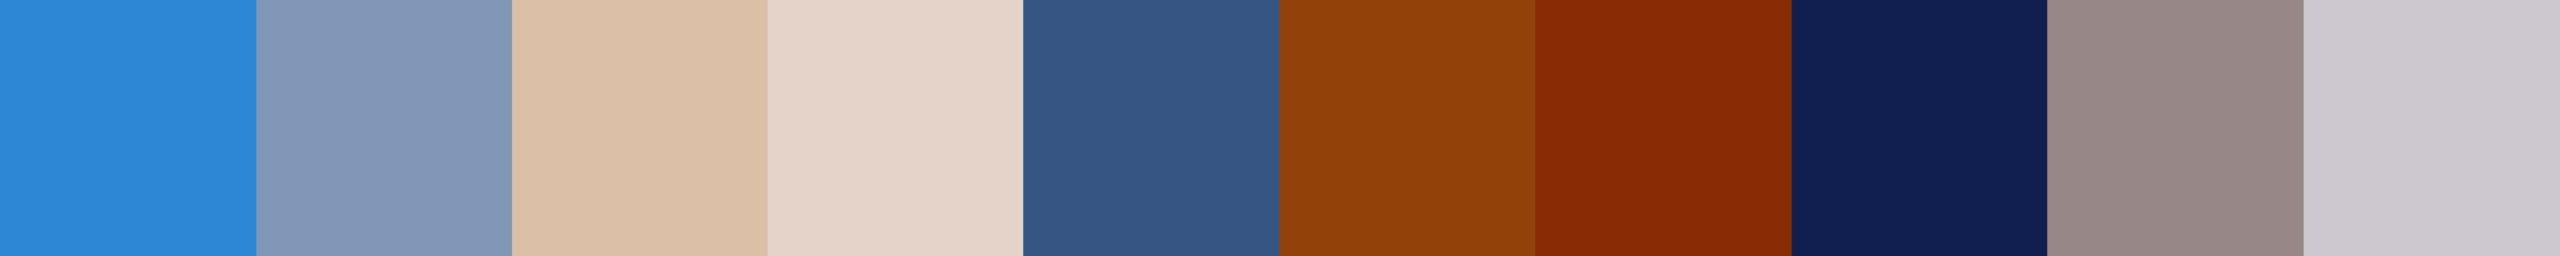 714 Chilata Color Palette